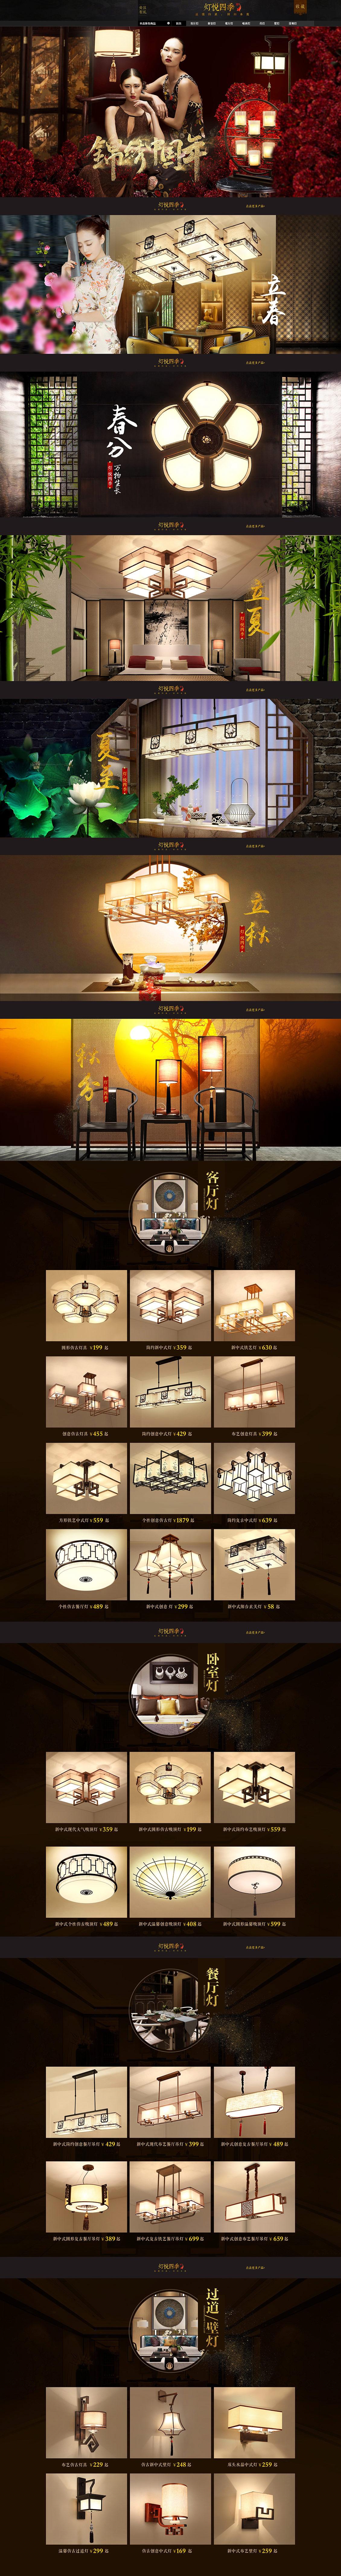 灯悦四季家装灯饰照明灯具 古典中国风天猫首页活动专题页面设计